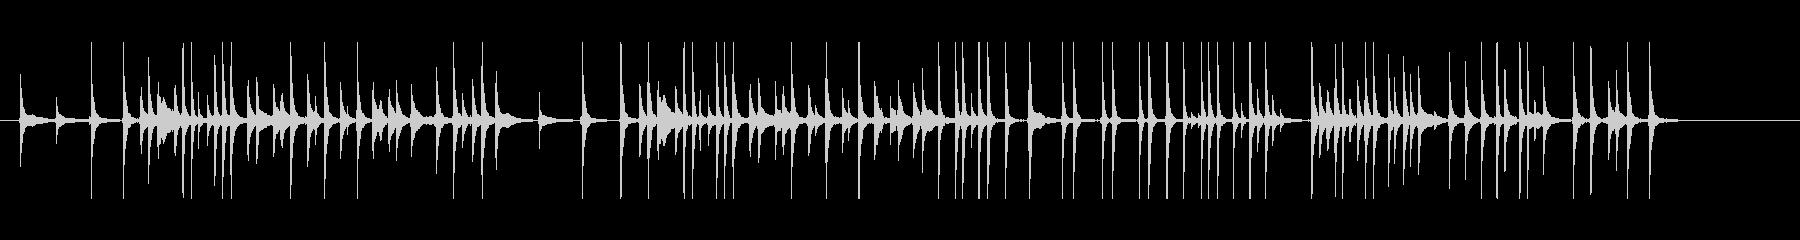 三味線233外記猿7小猿おさるさんサル投の未再生の波形